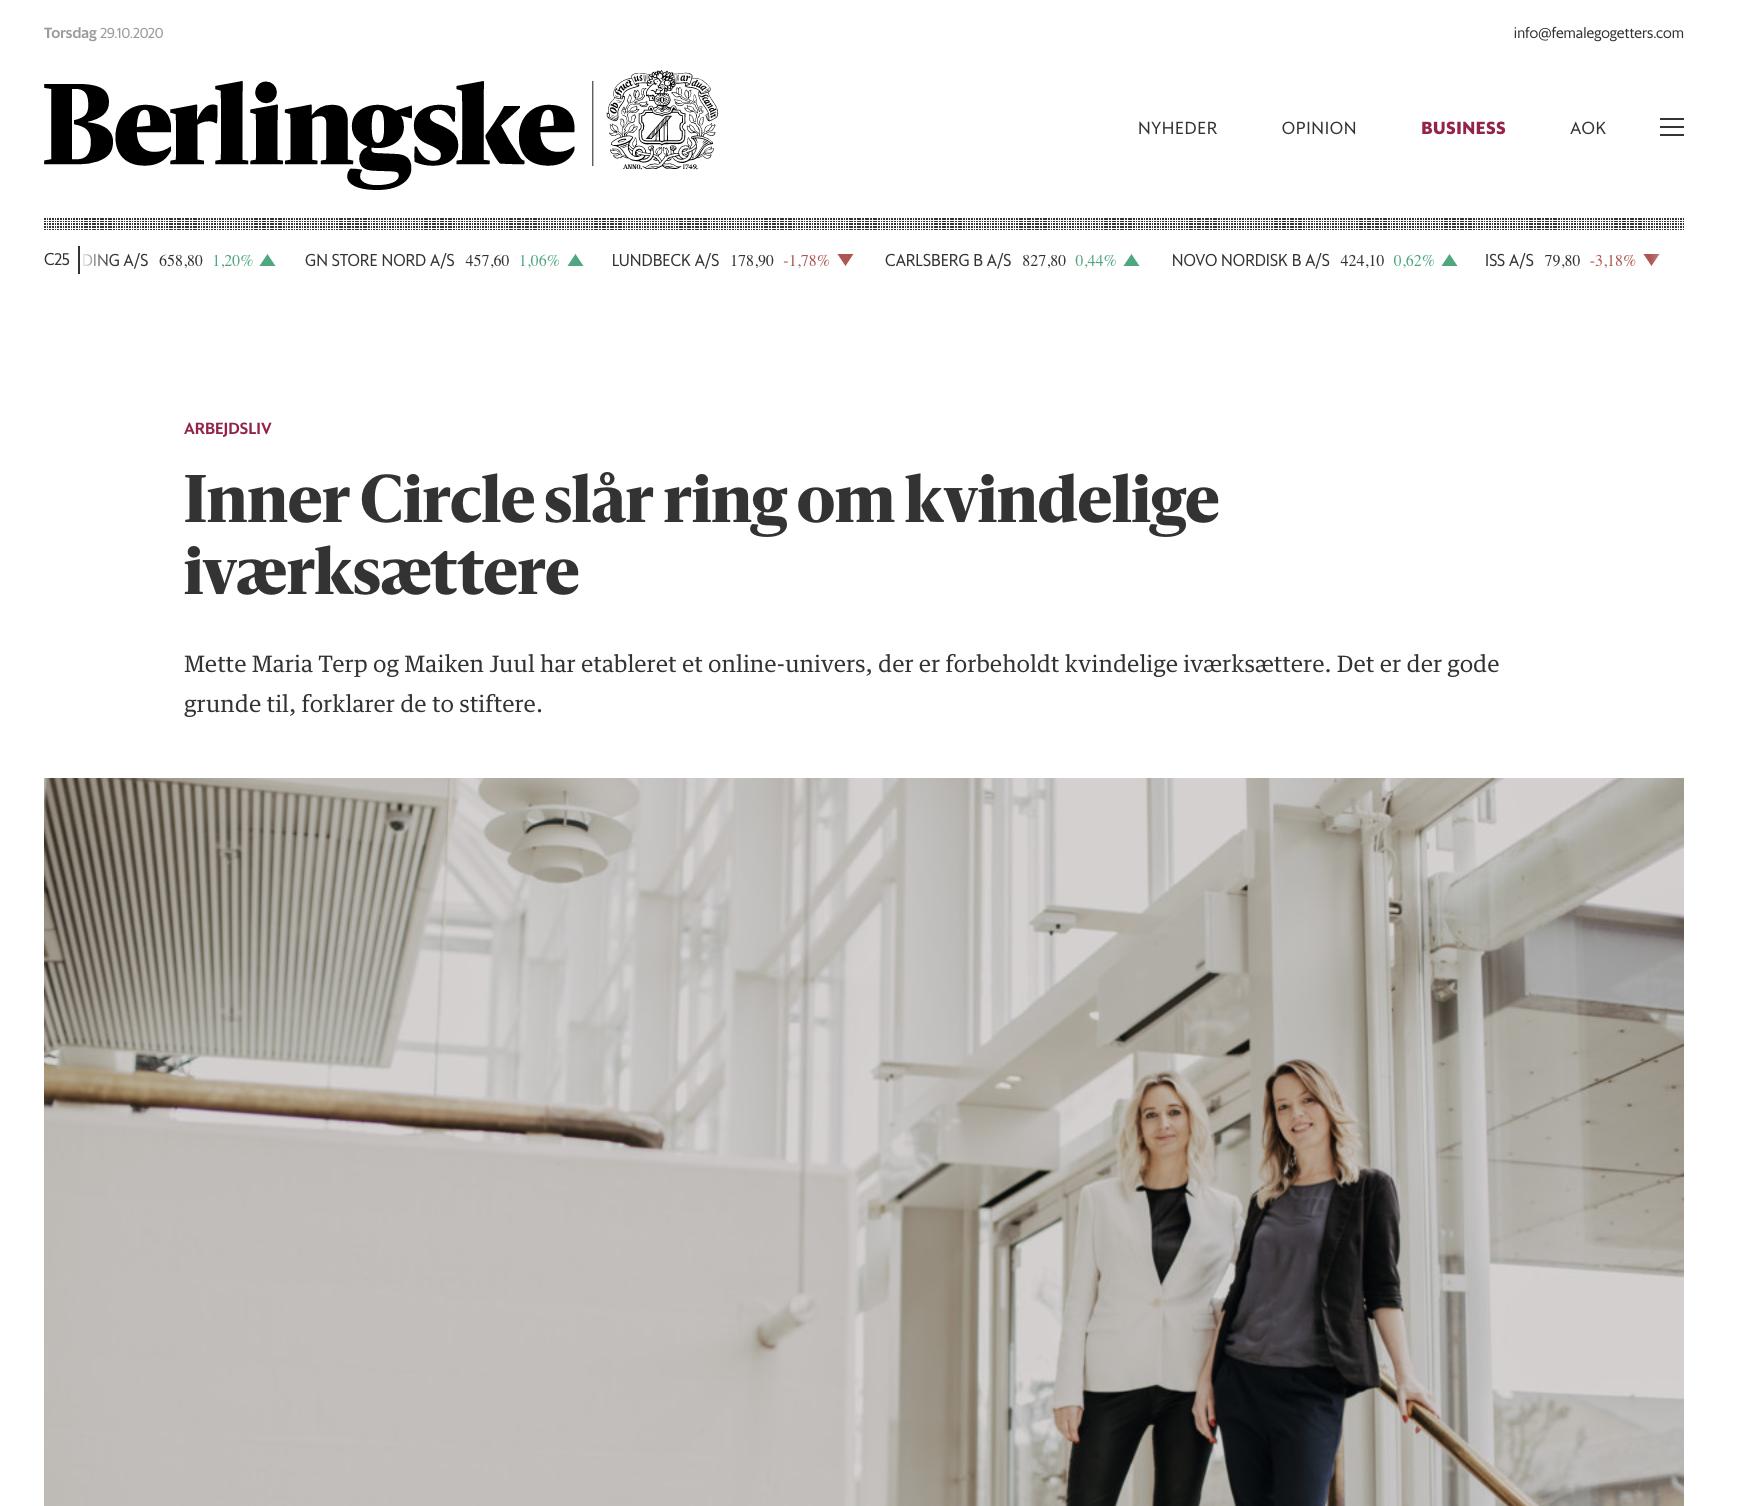 Female Go-Getters Danmarks største netværk for kvindelige iværksættere ved Mette Maria Terp og Maiken Juul